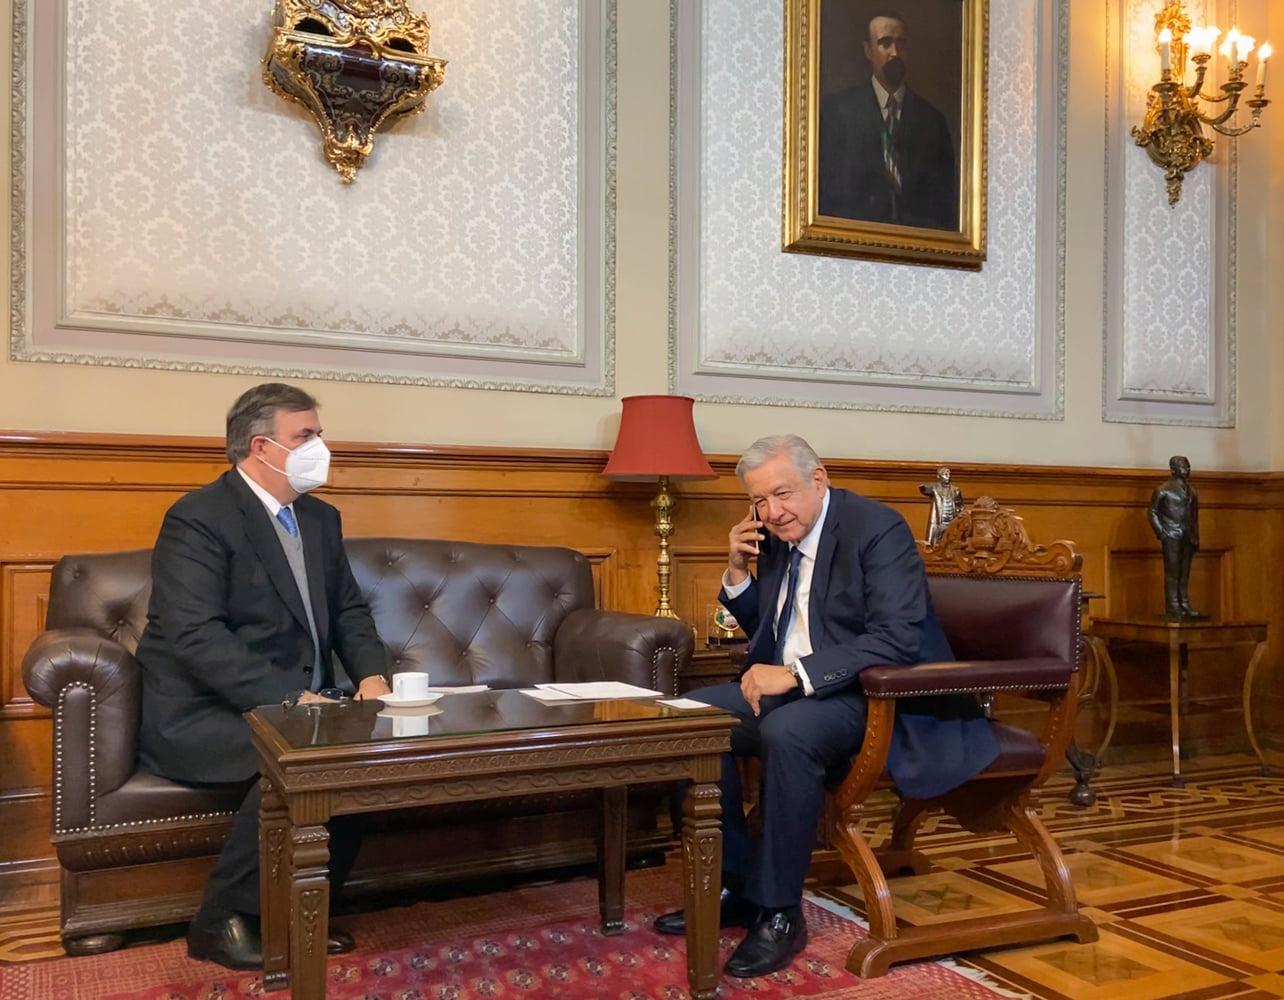 Dialogan presidentes de México y Alemania de economía y COVID-19